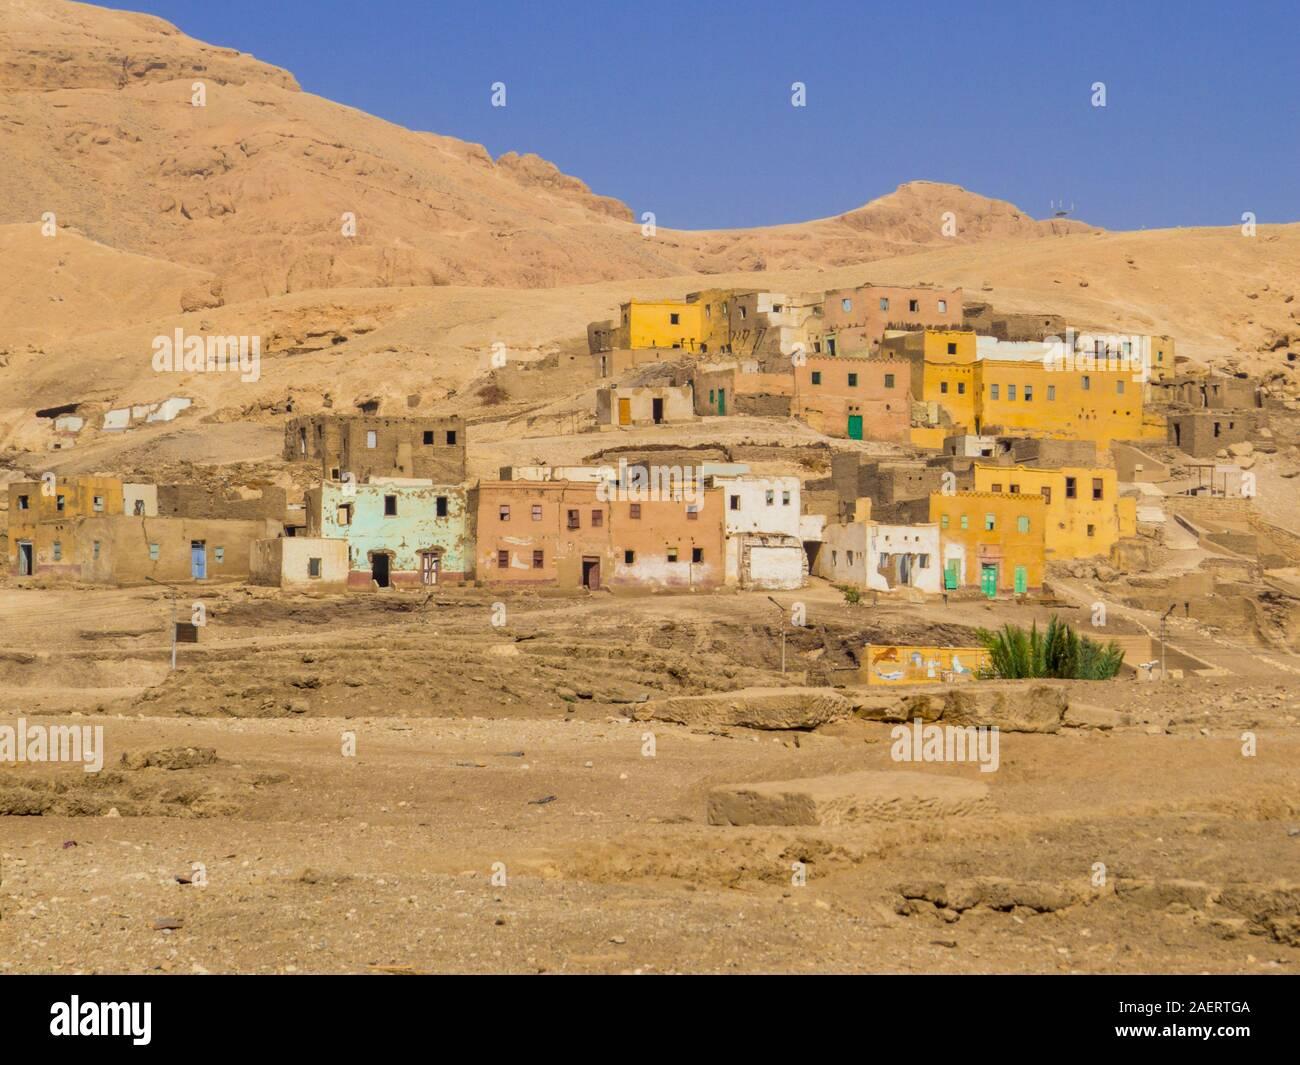 Vieux Village de Qurna à Louxor, Egypte Banque D'Images